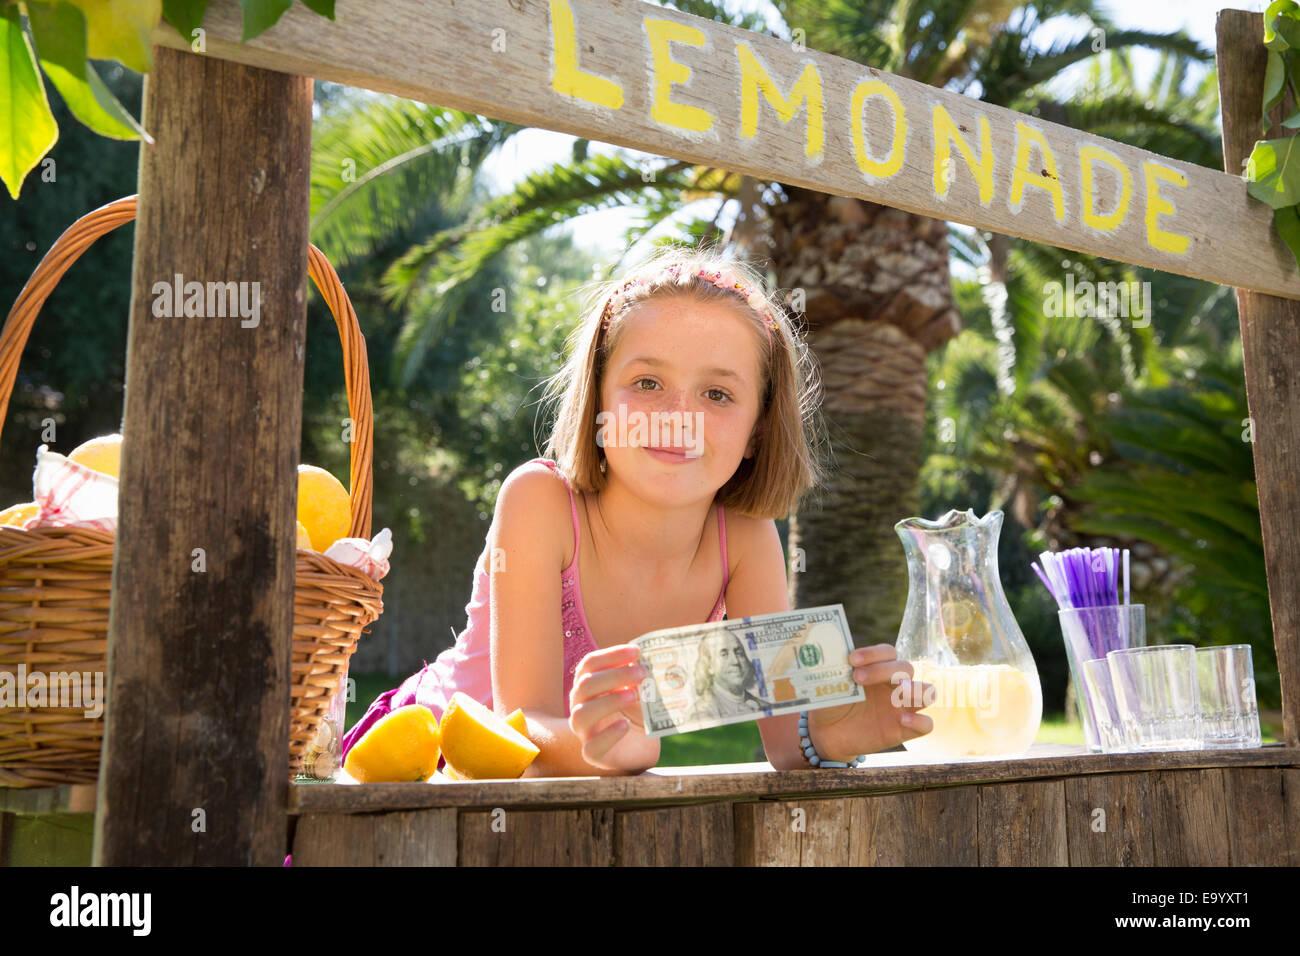 Portrait of girl on lemonade stand holding up one hundred dollar bill - Stock Image